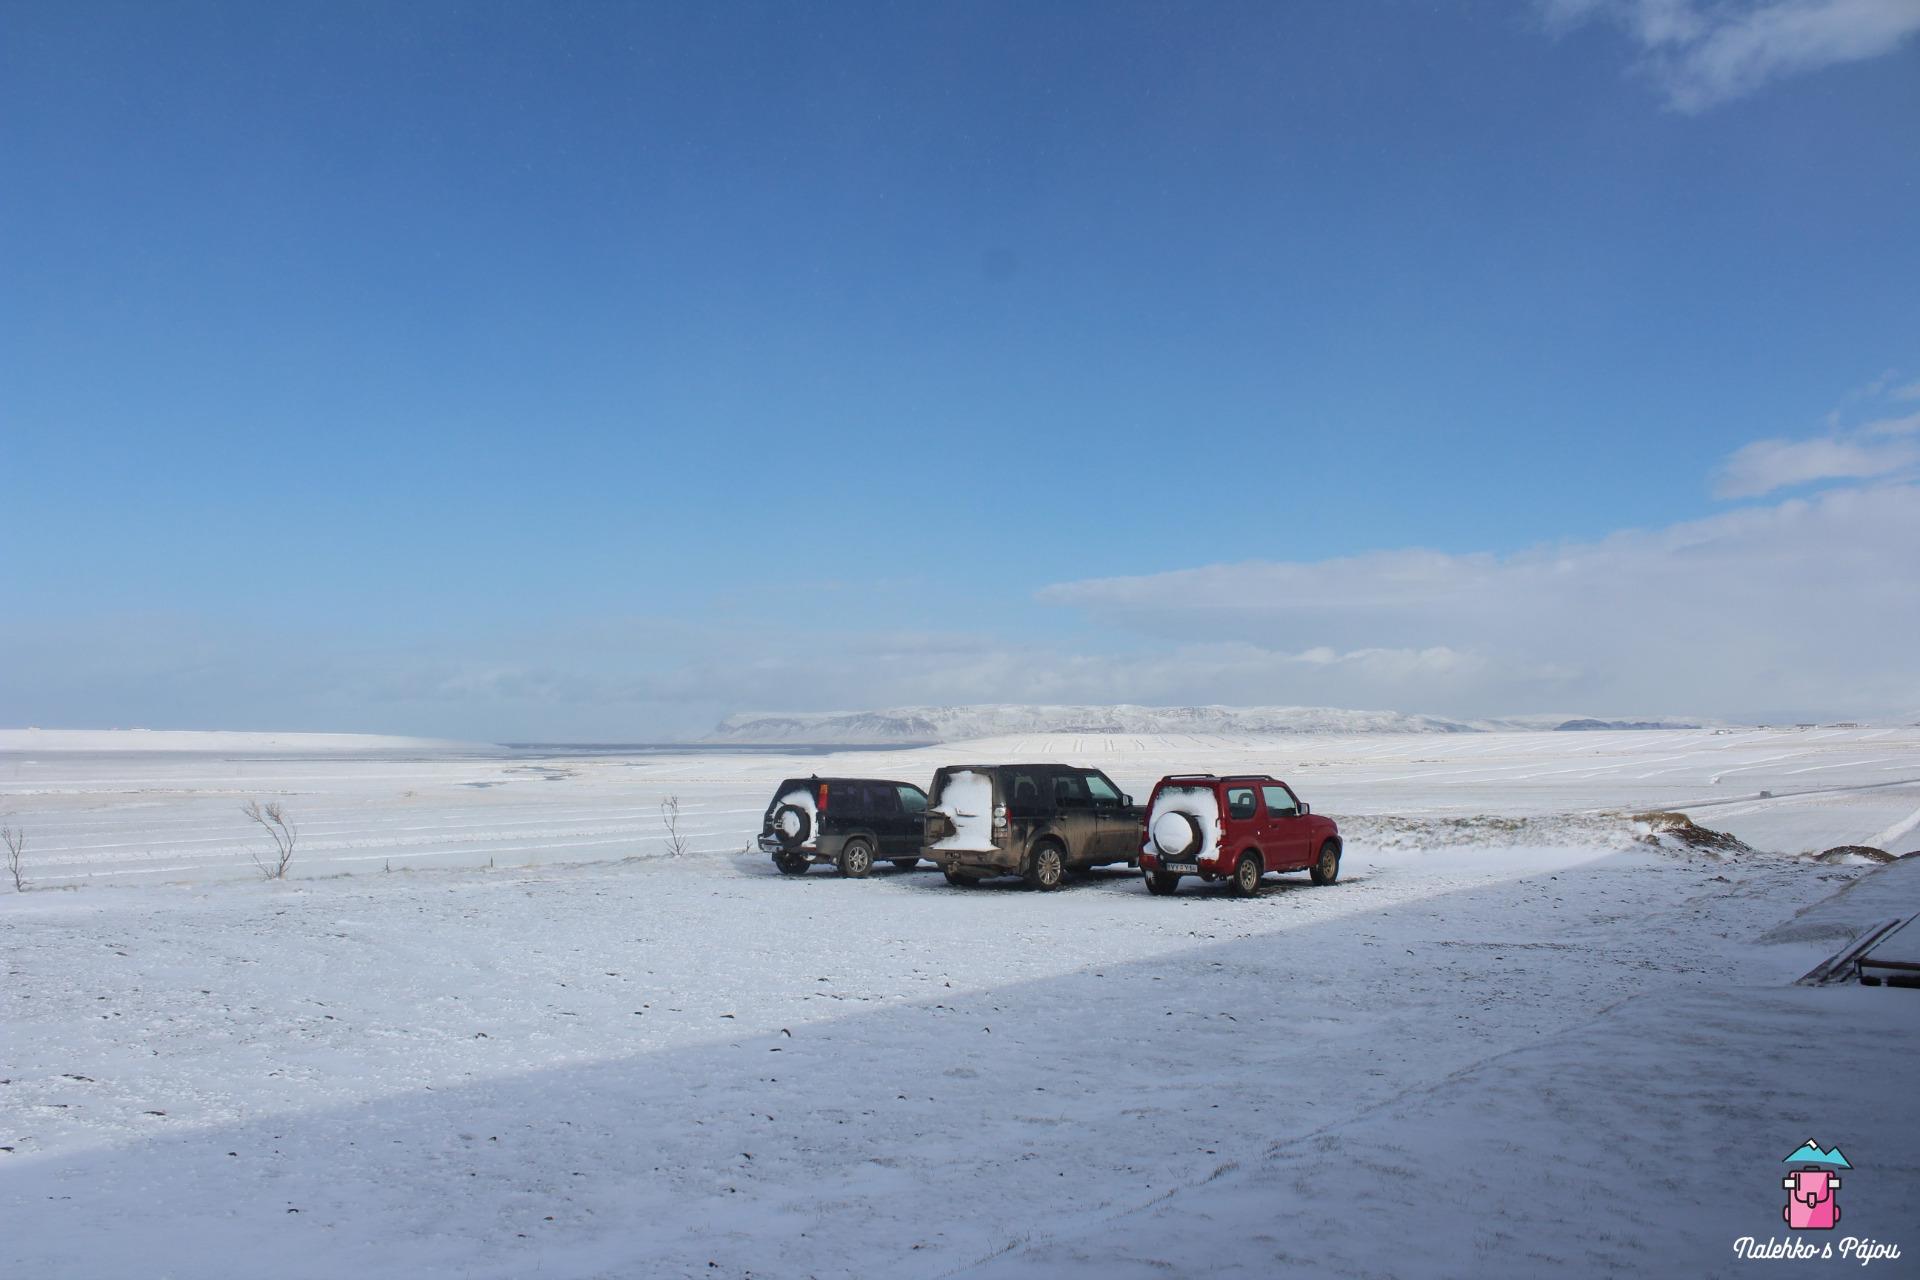 Přes noc dost foukalo a sněžilo, takže zadek auta byl celý zamrzlý